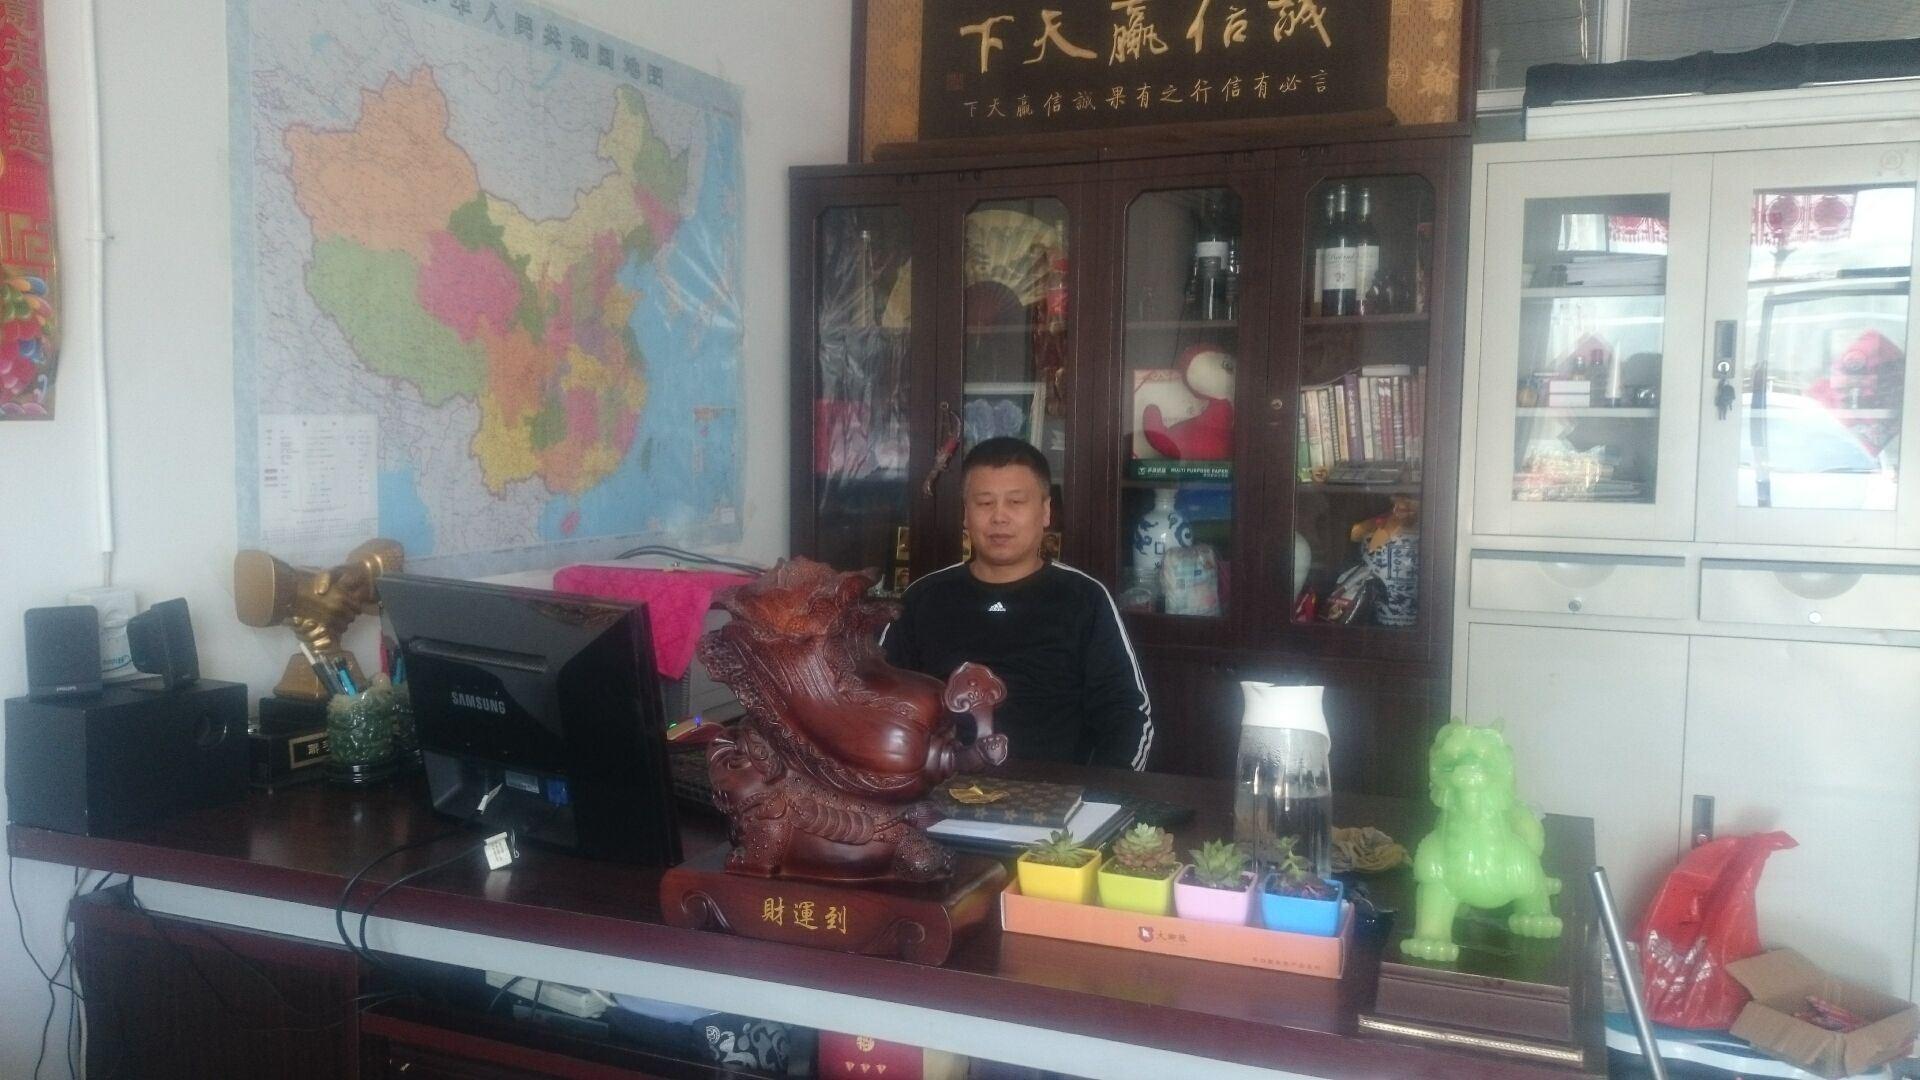 北京到德宏物流专线(北京顺通安快运输有限公司)